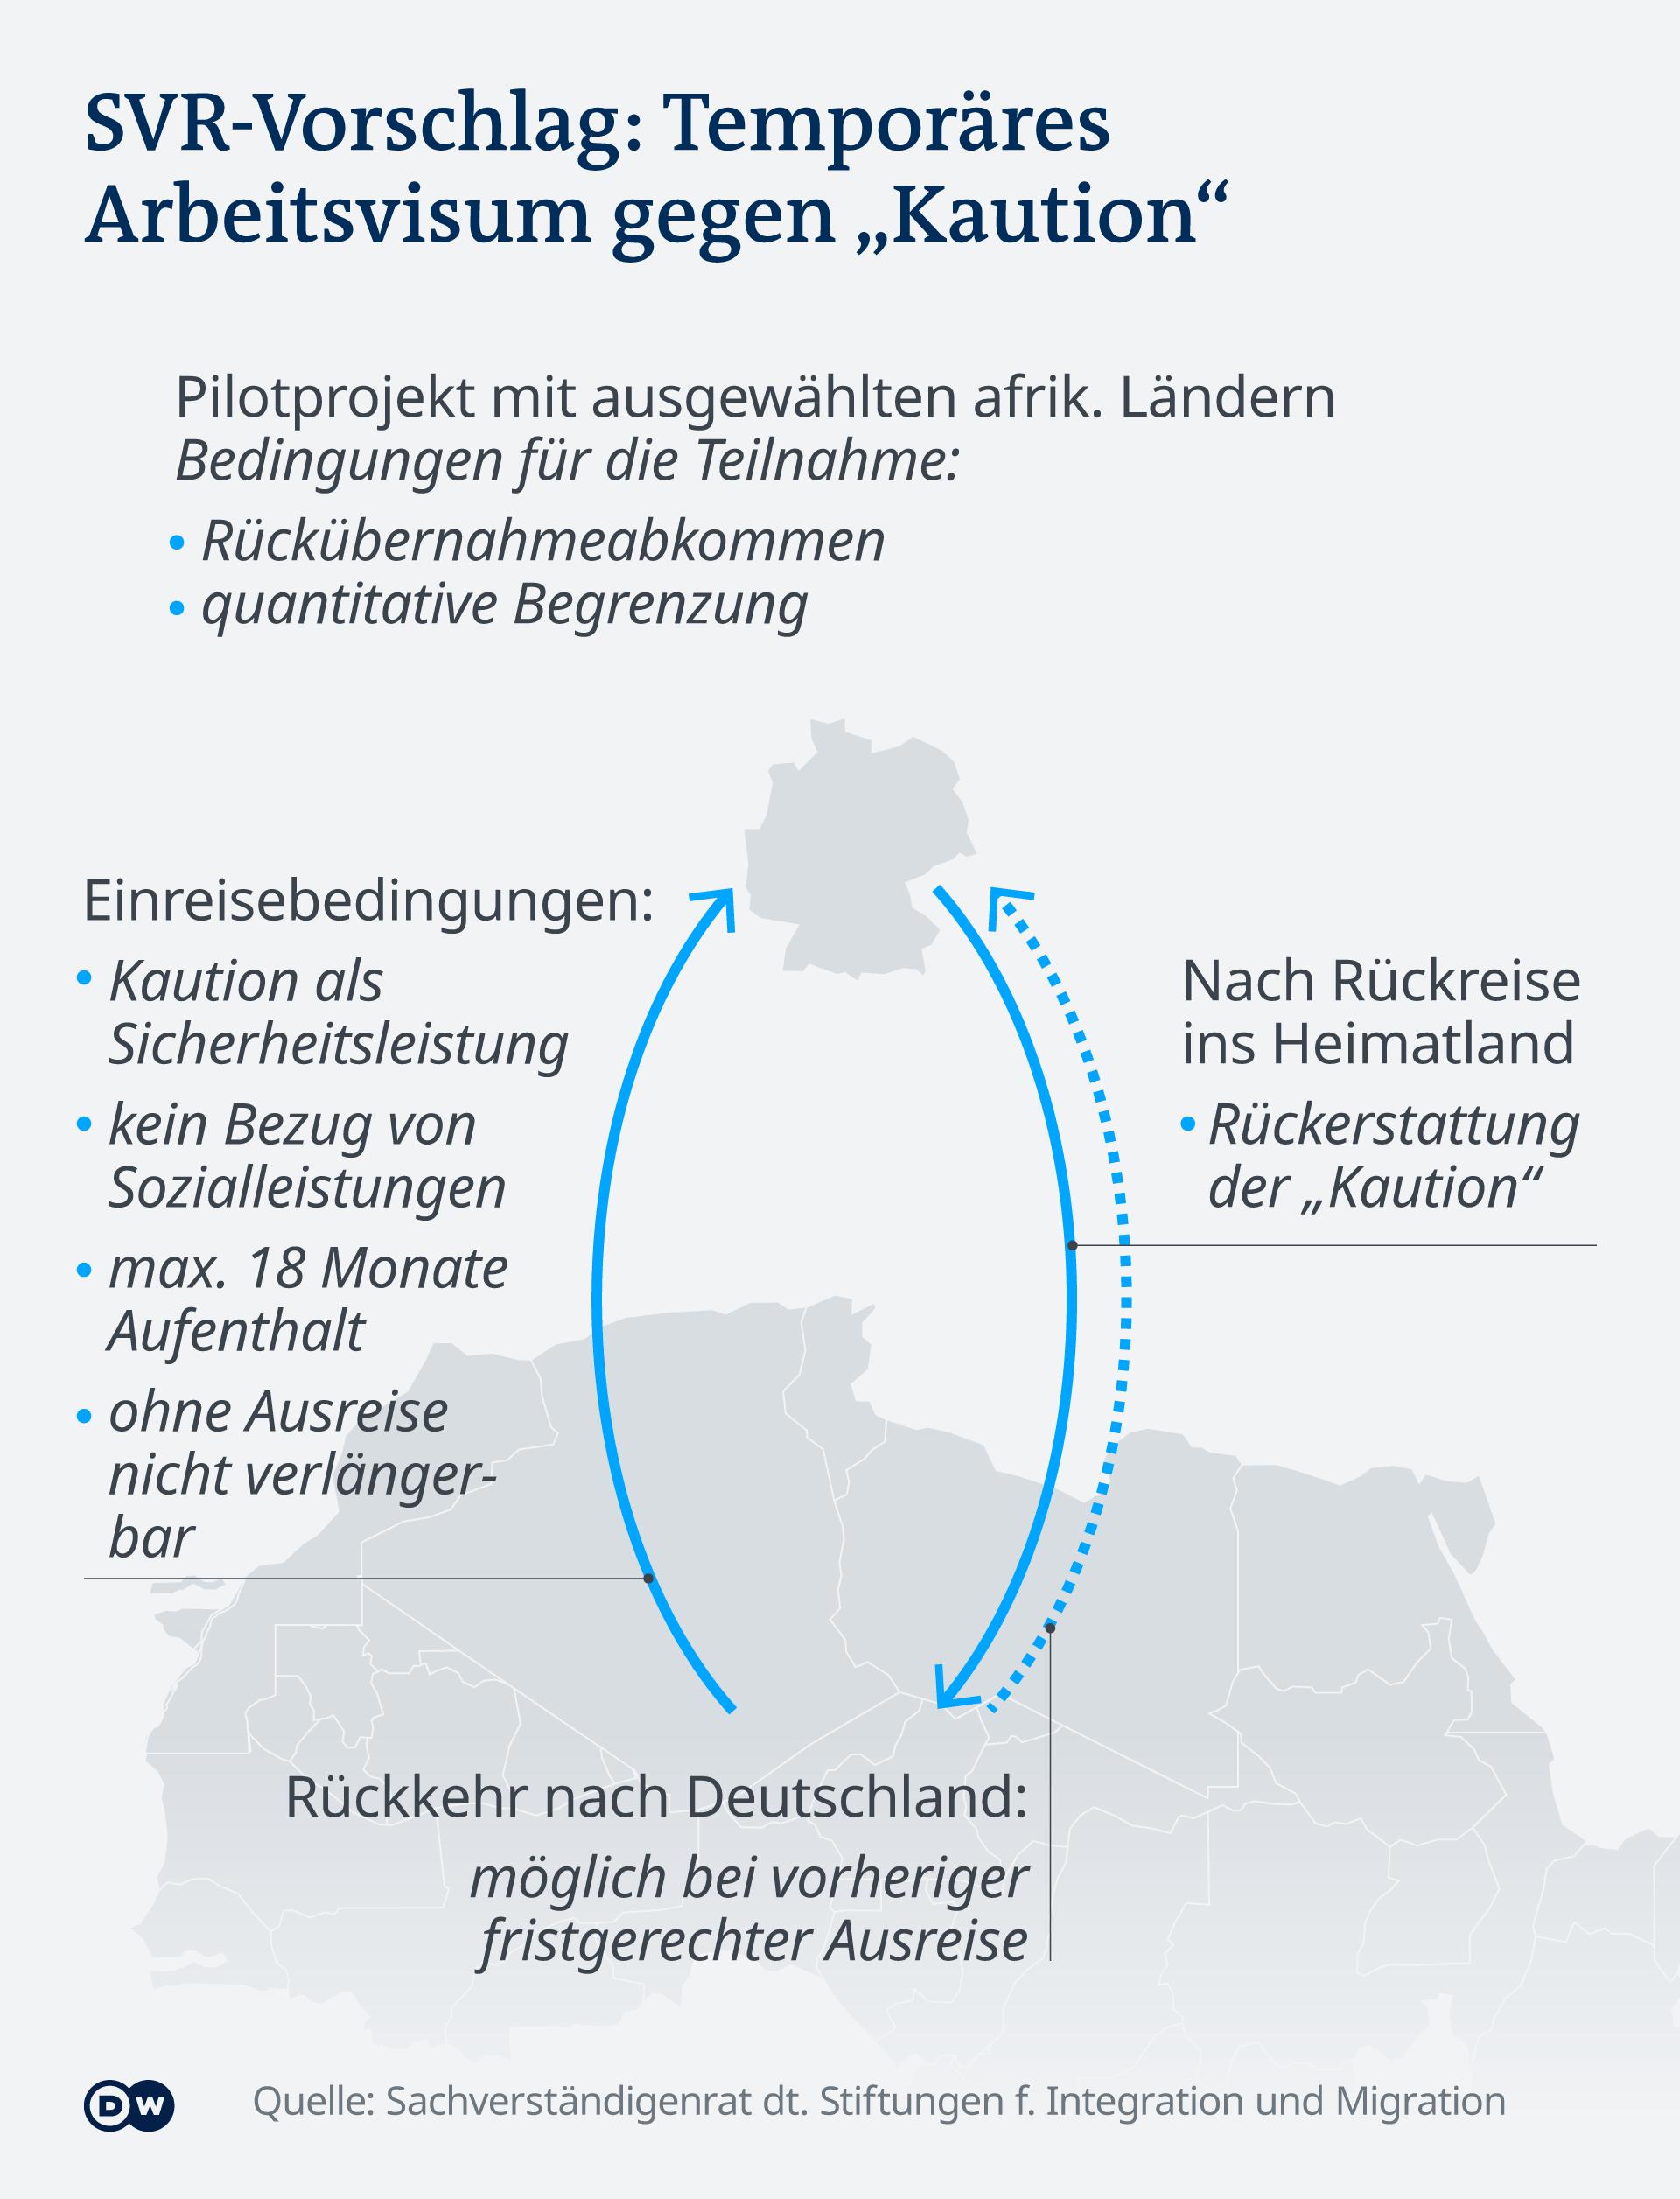 Infografik SVR-Vorschlag: Temporäres Arbeitsvisum gegen Kaution DE